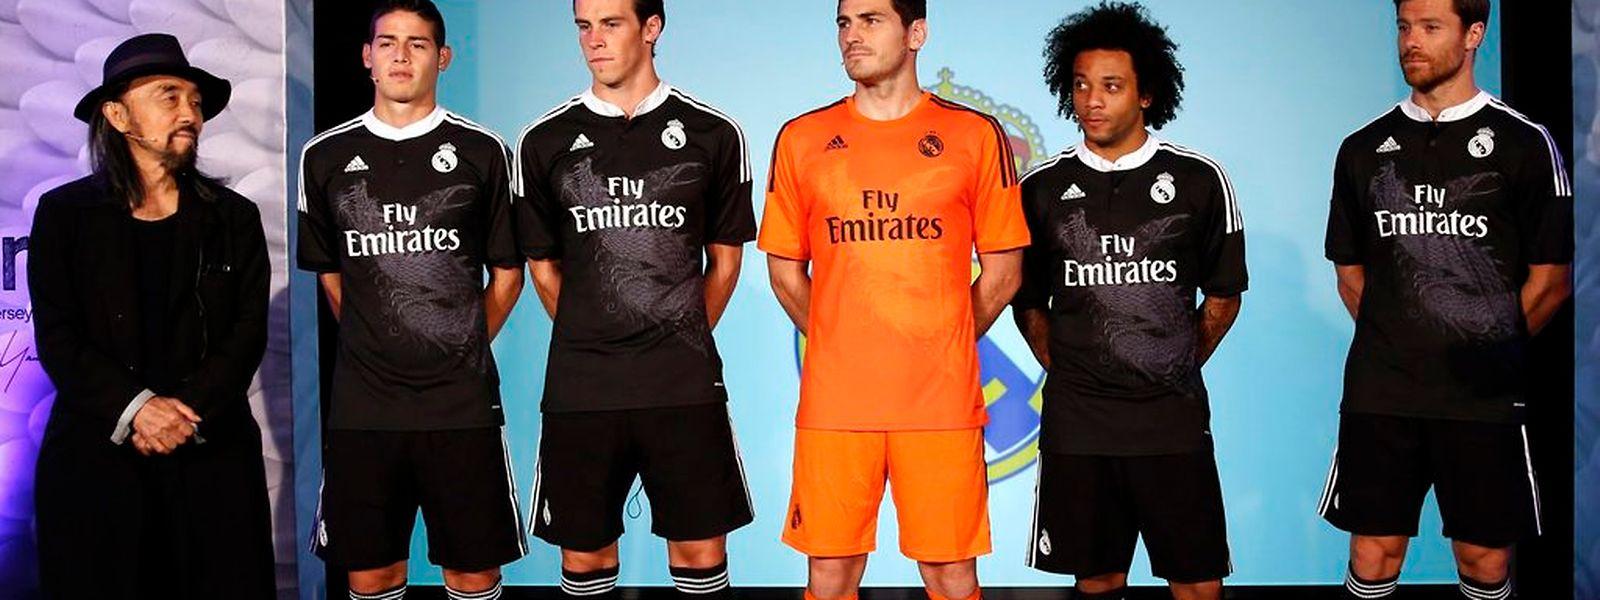 Xabi Alonso, Marcelo, Iker Casillas, Gareth Bale et James Rodriguez , cinq des samouraïs d'un Real qui fait peur à tous le monde